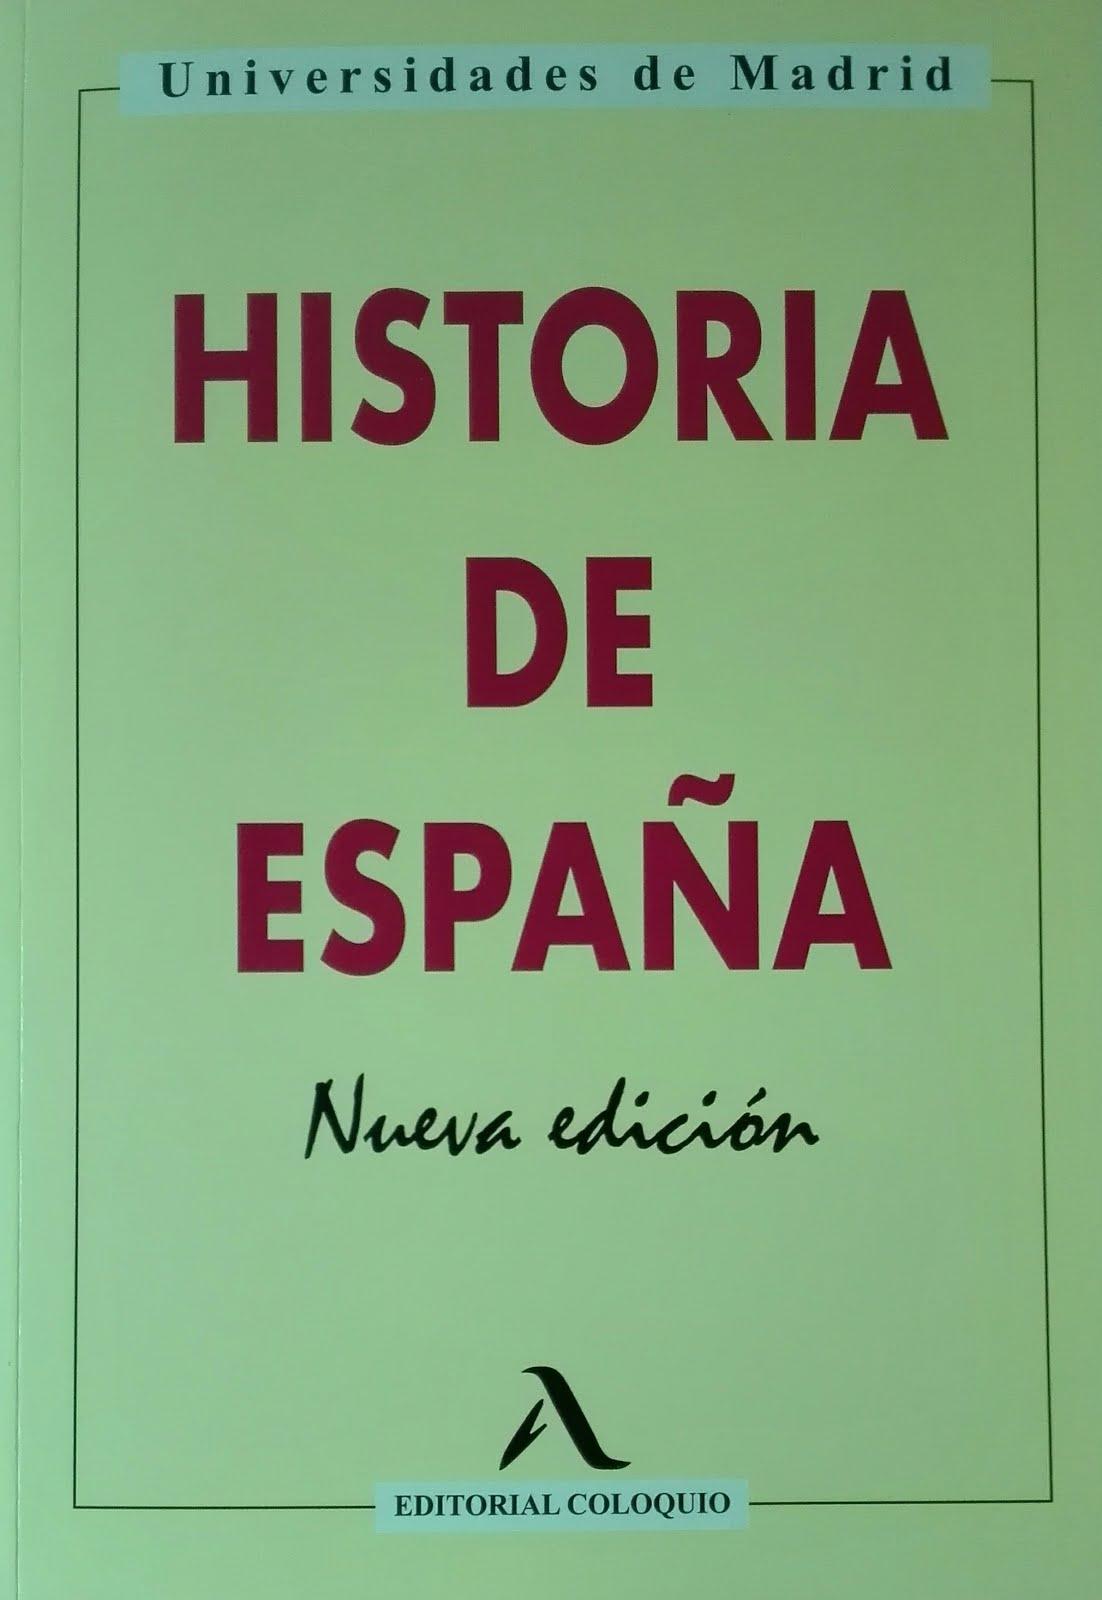 Obra del bloguero. Coautor. Libro de texto. Historia de España, Nueva edición, 2018